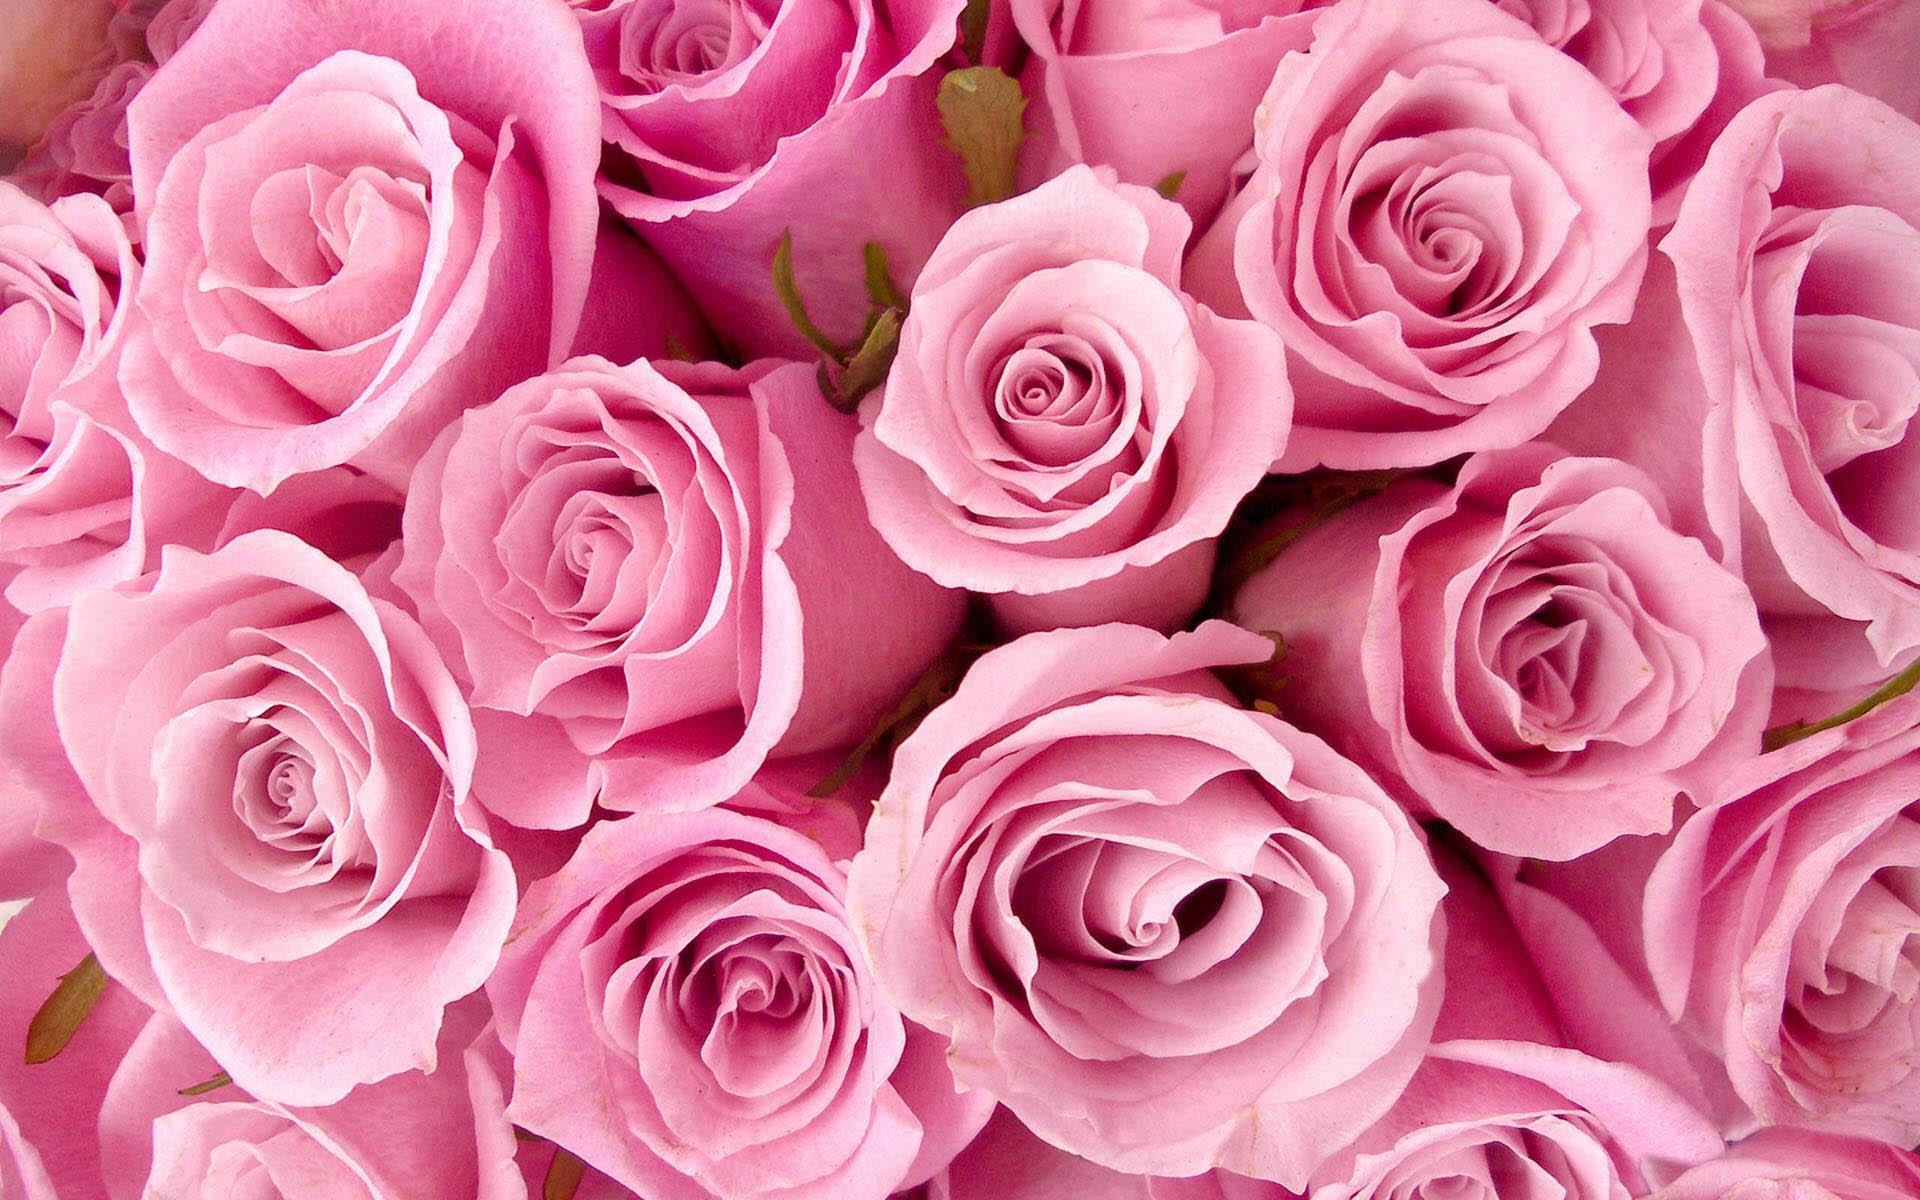 Hình nền hoa hồng màu hồng